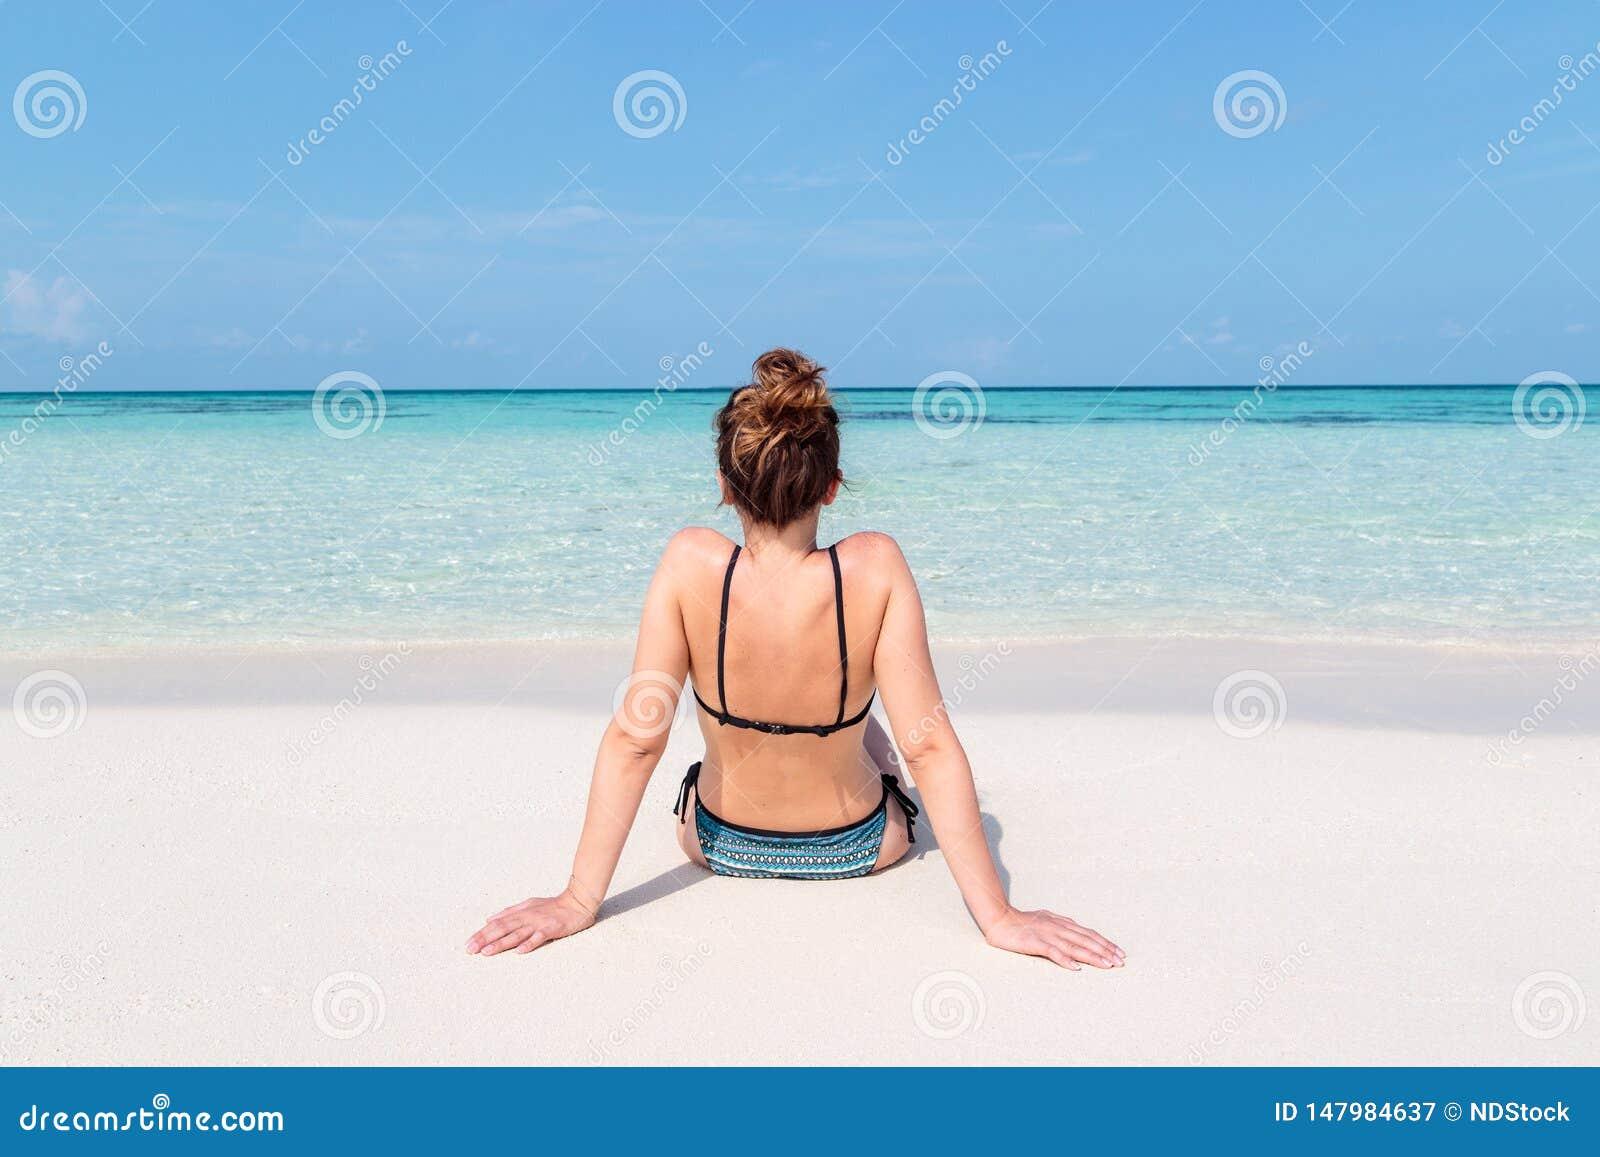 Imagen de la parte posterior de una mujer joven asentada en una playa blanca en los Maldivas Agua azul cristalina como fondo